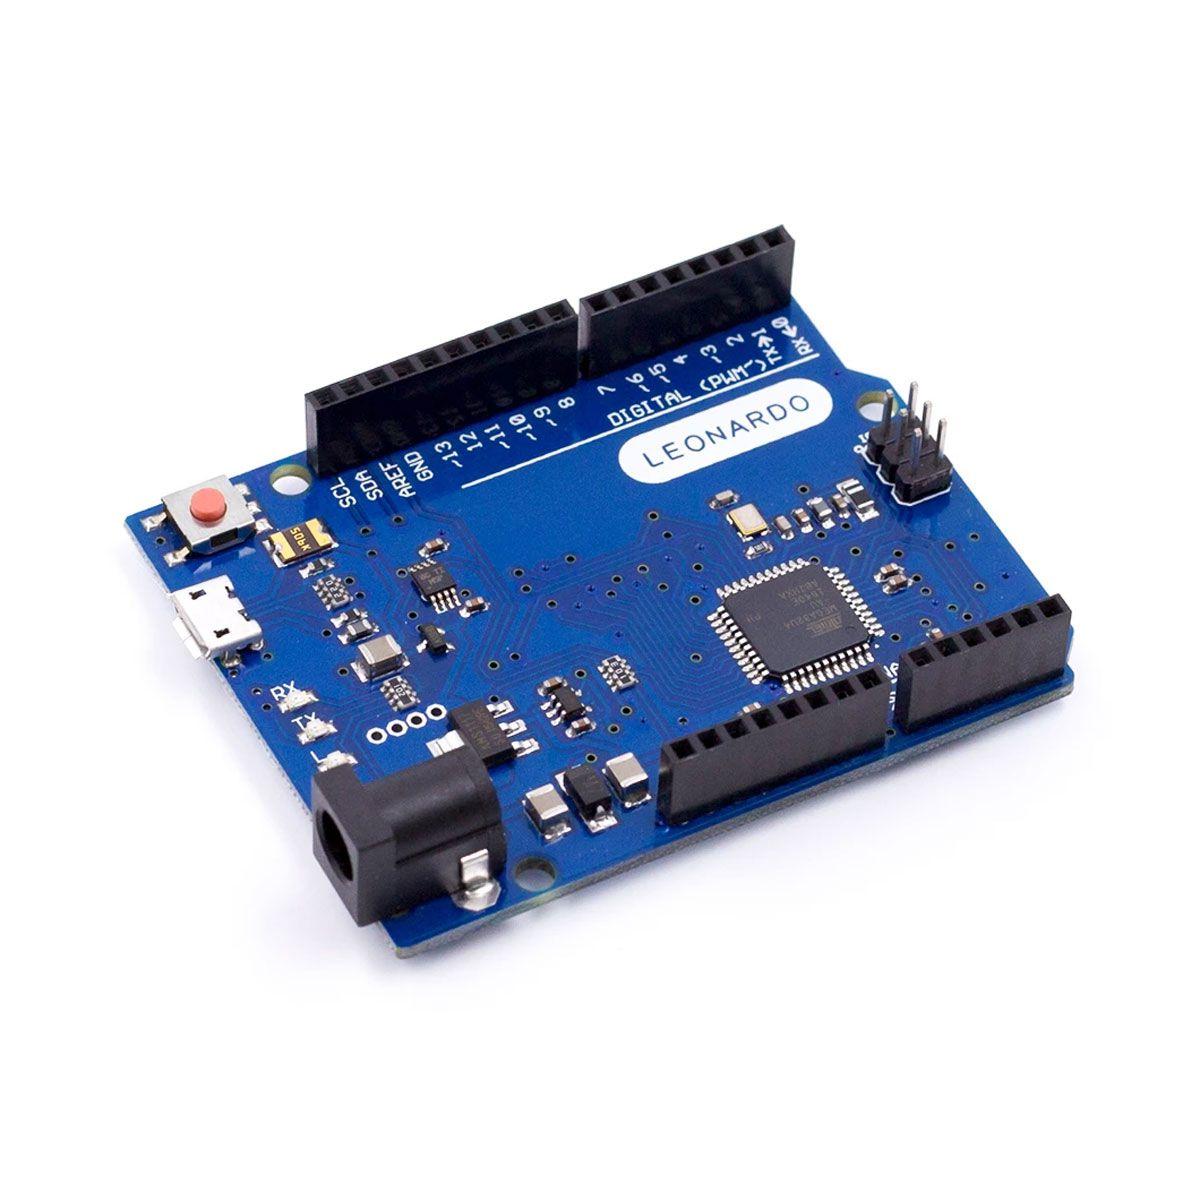 Placa Leonardo R3 Rev3 Atmega32u4 com Cabo Usb Compatível para Arduino